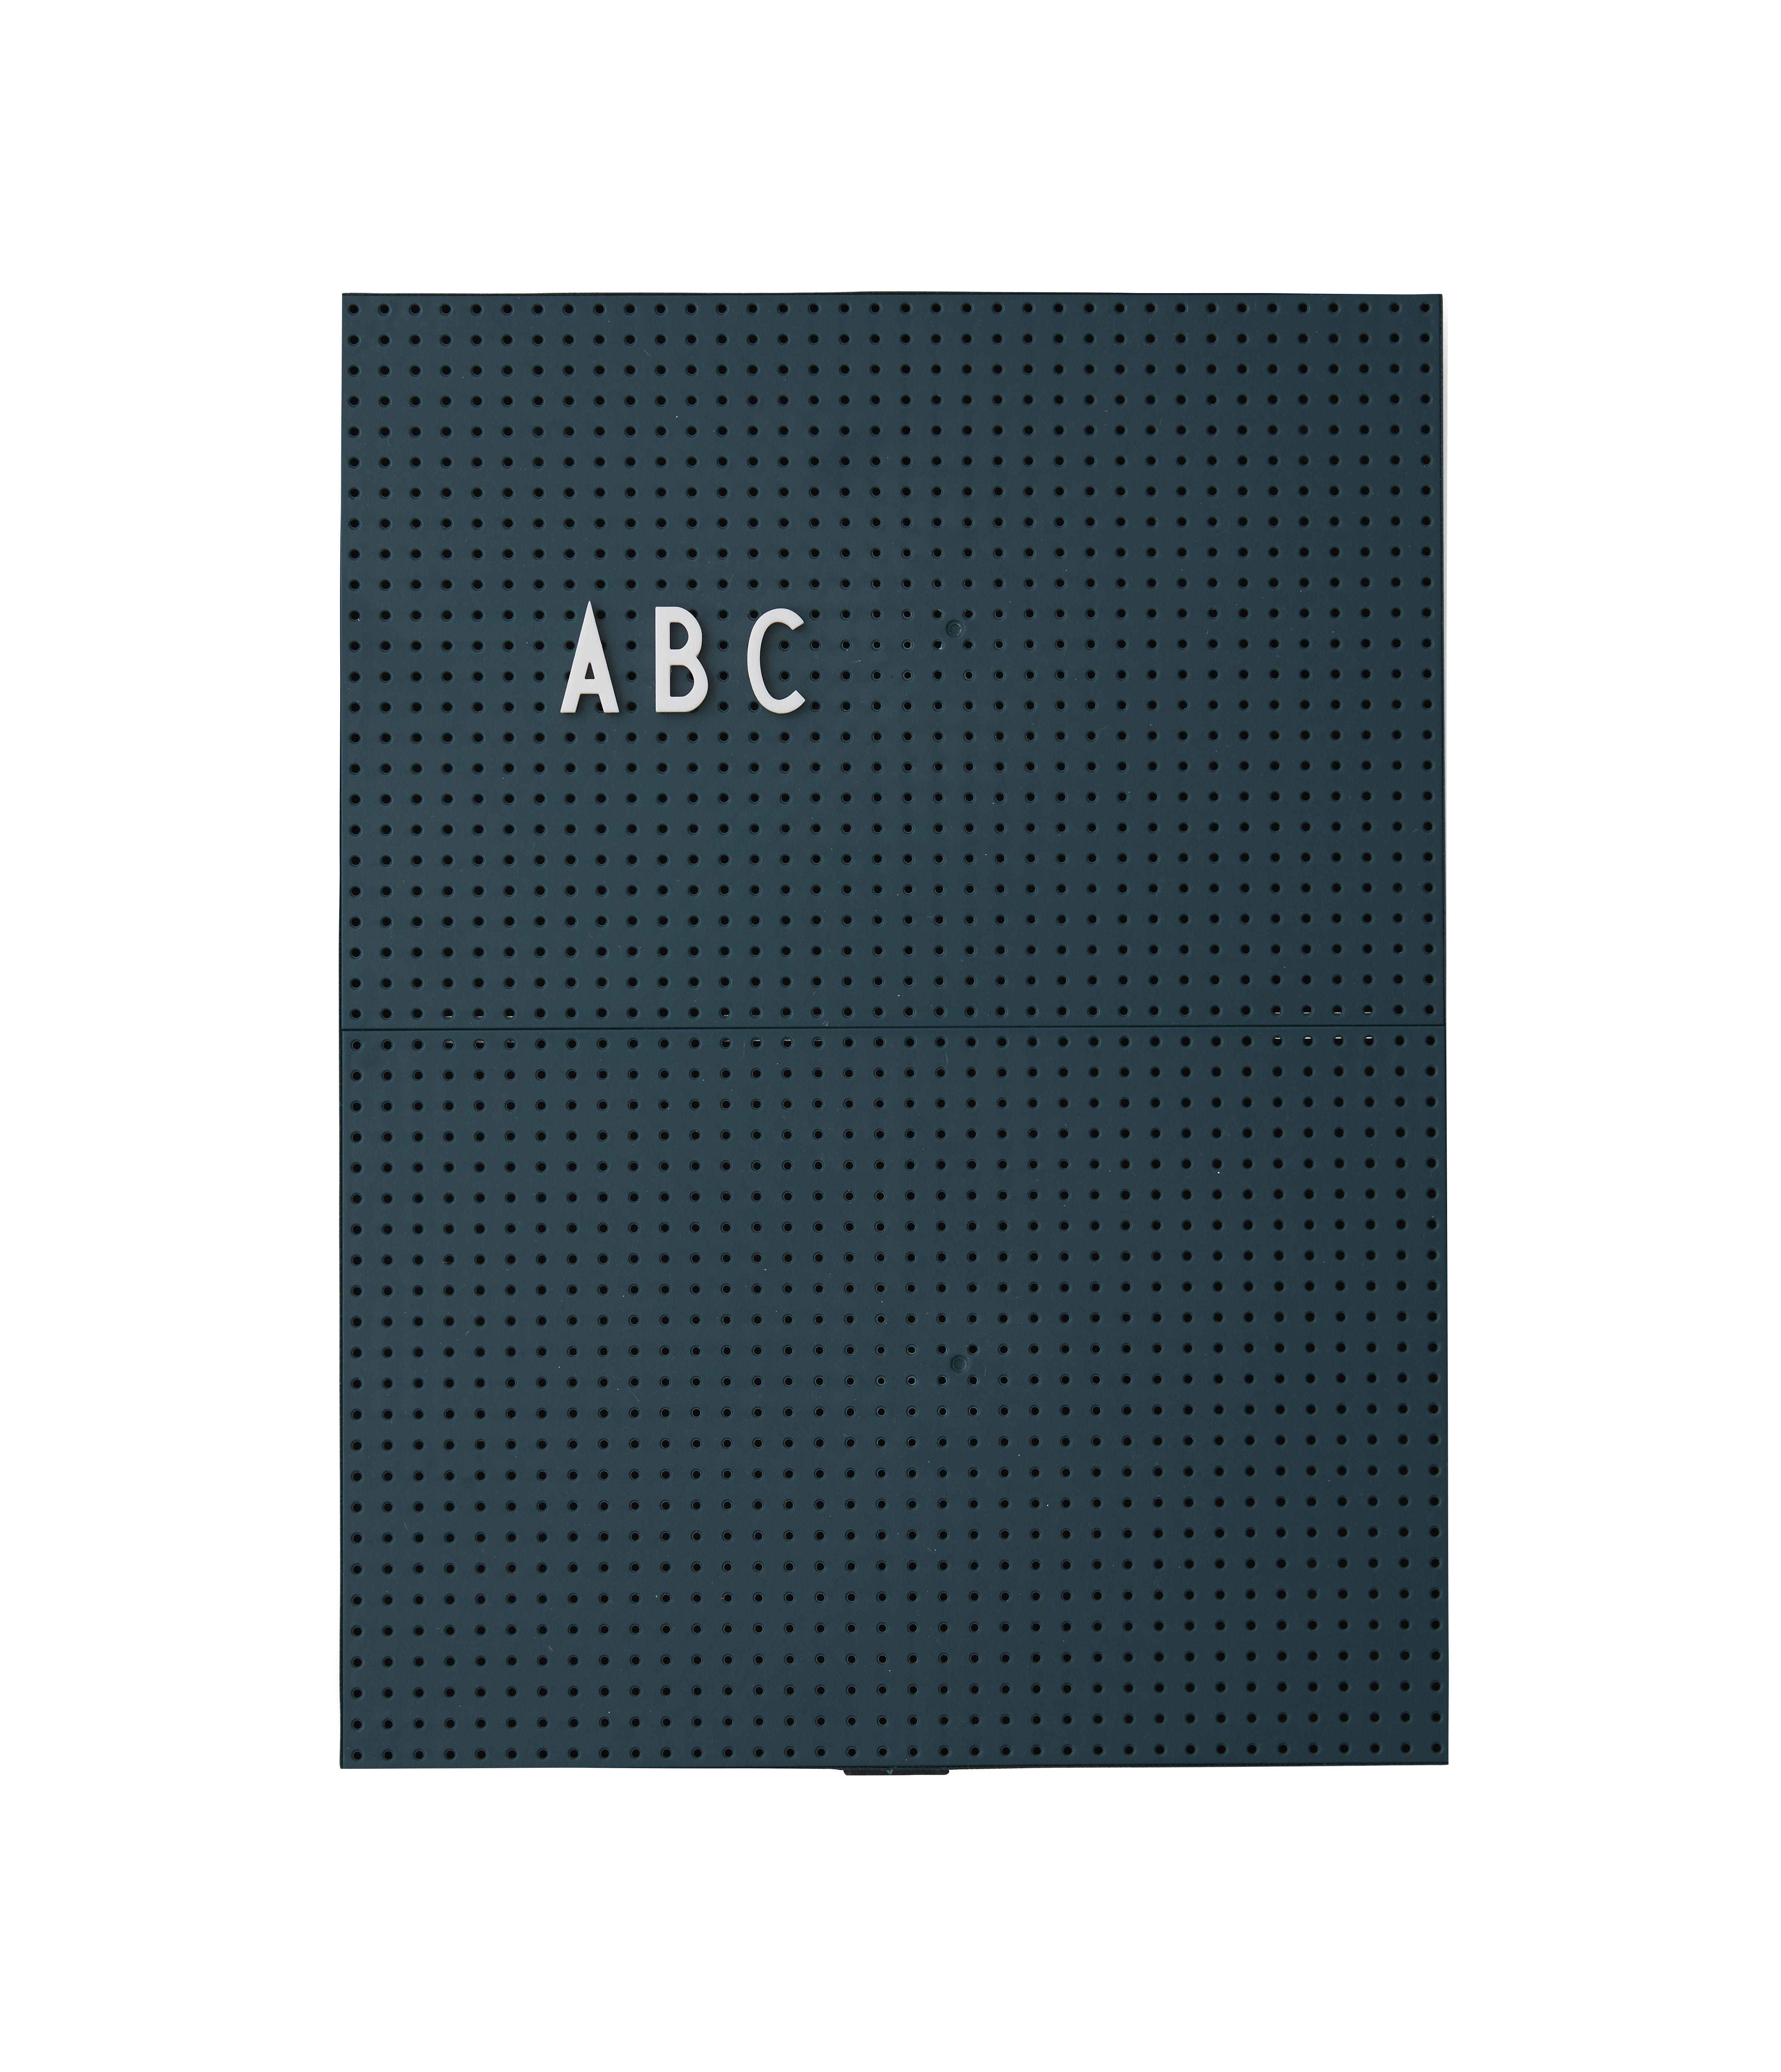 Déco - Mémos, ardoises & calendriers - Tableau memo A4 / L 21 x H 30 cm - Design Letters - Vert foncé - ABS